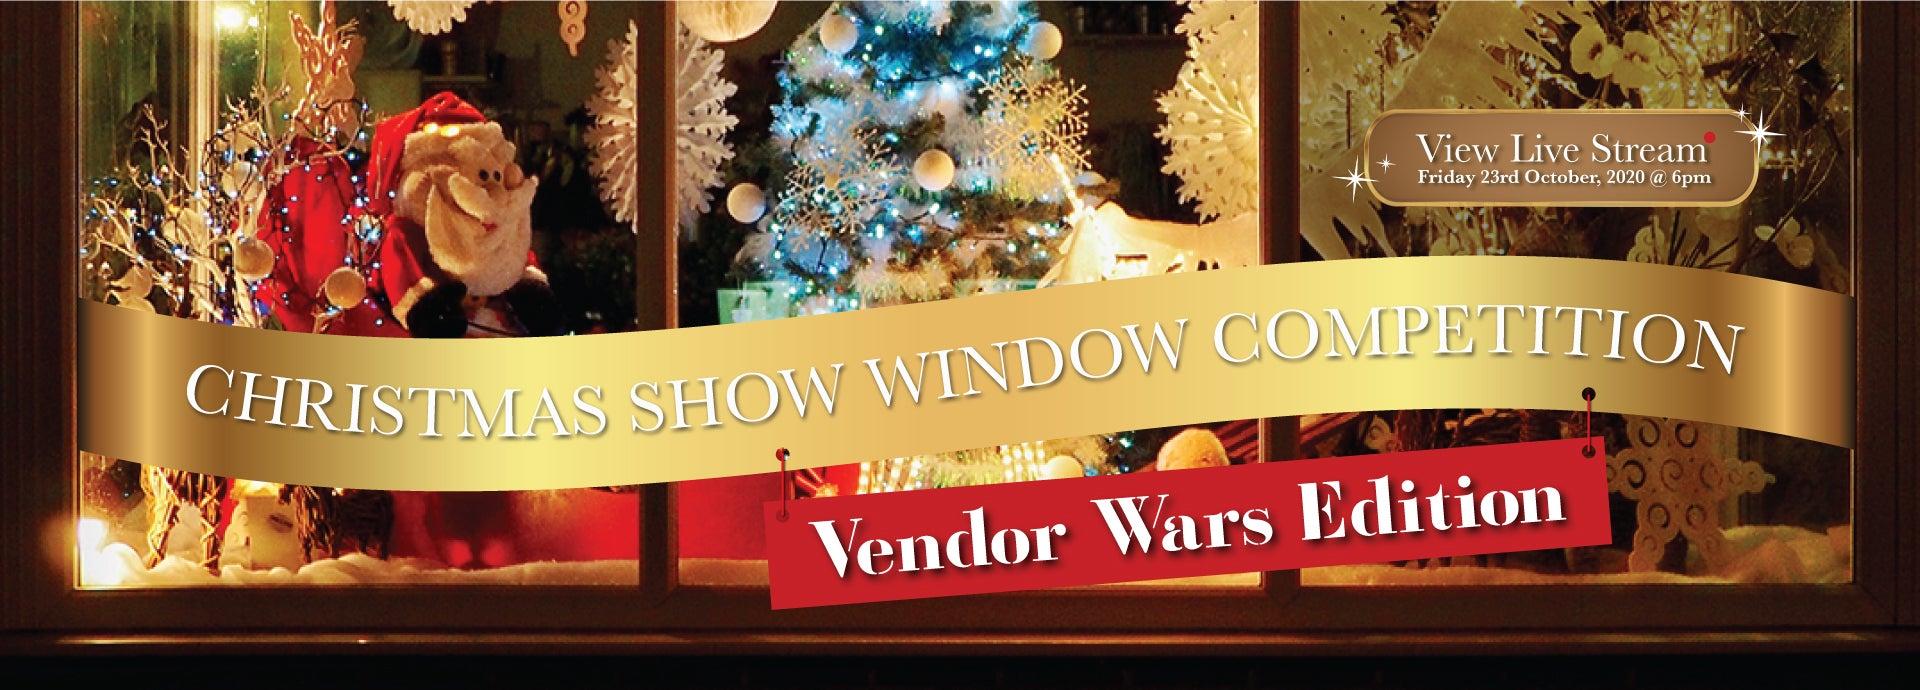 Christmas Show Windows Vendor Wars